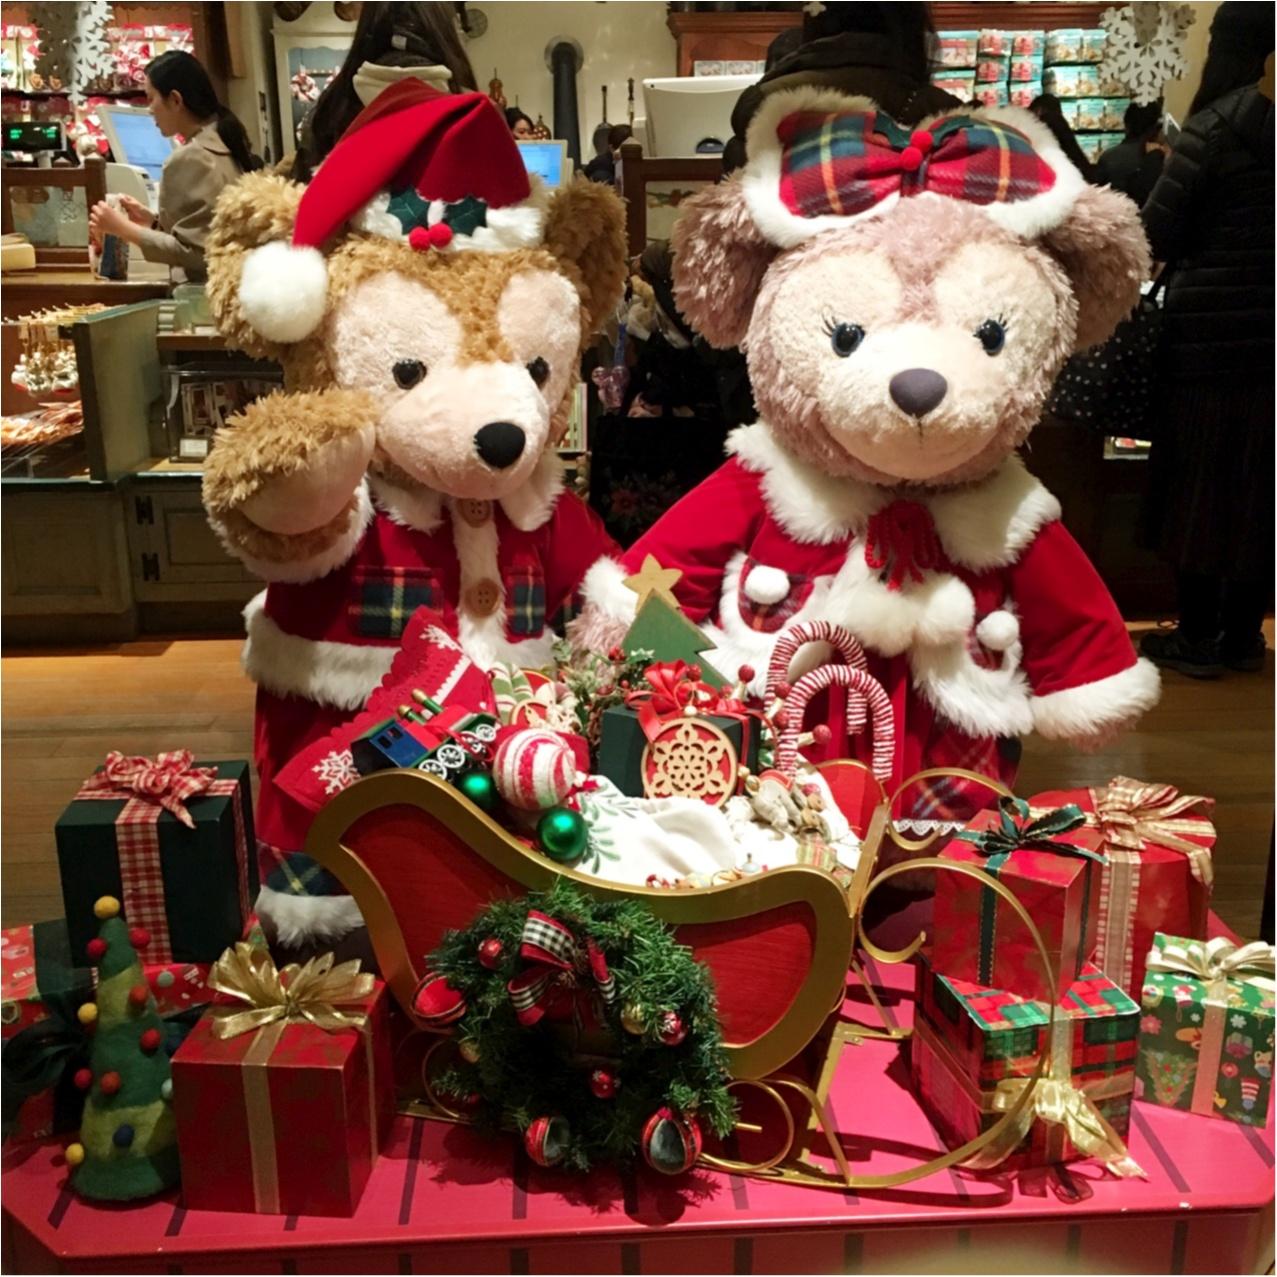 Xmasディズニー♡ 撮りたくなる!私のおすすめクリスマススポットをまとめ♪_1